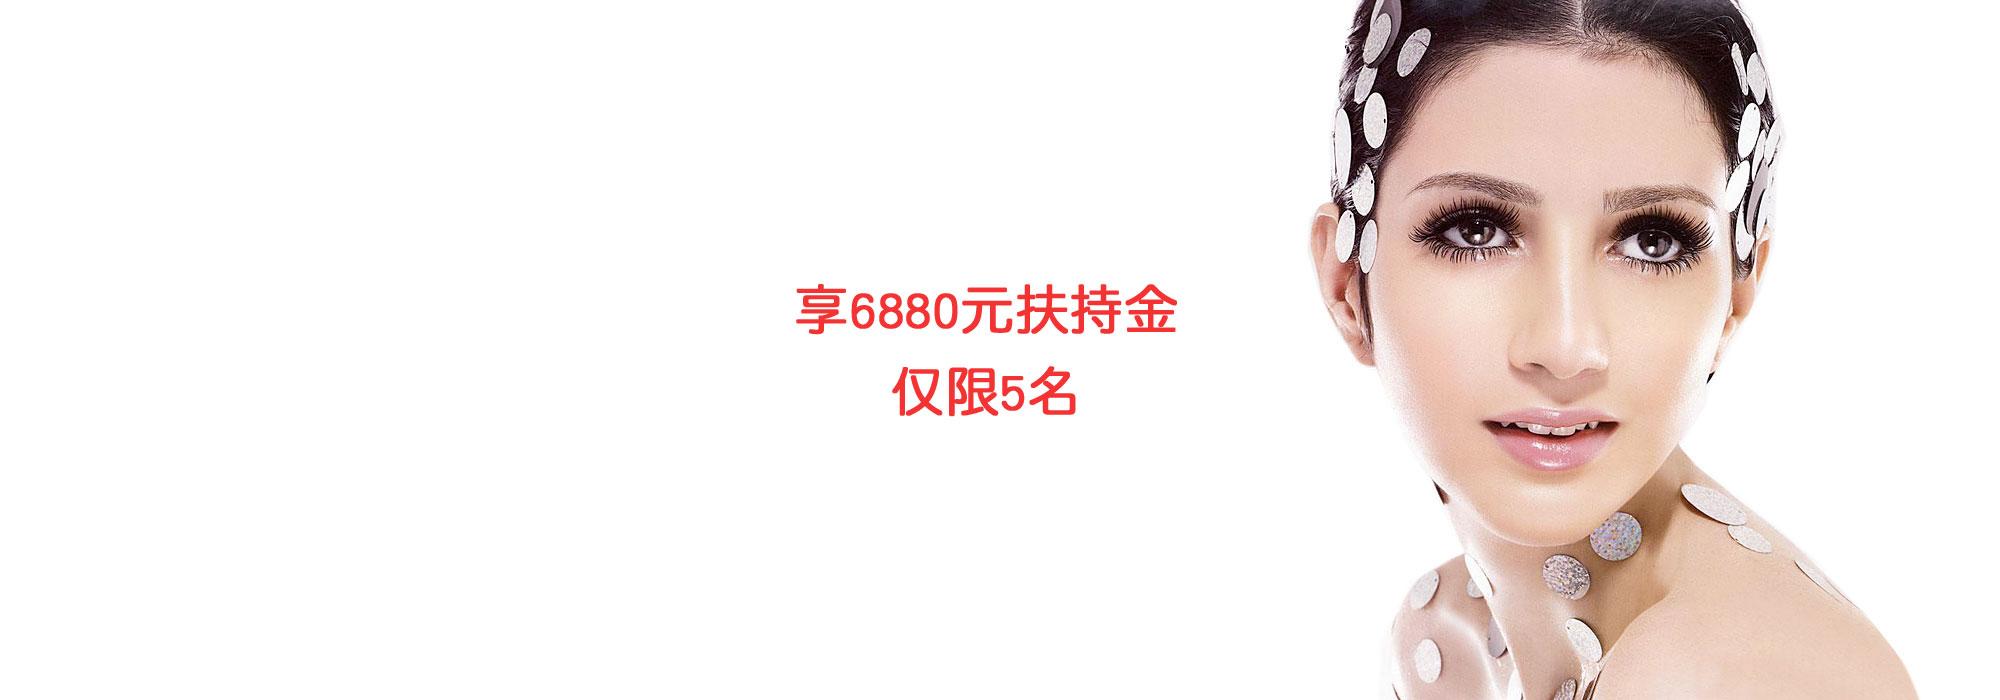 金牌美容师开店创业班(补贴班)